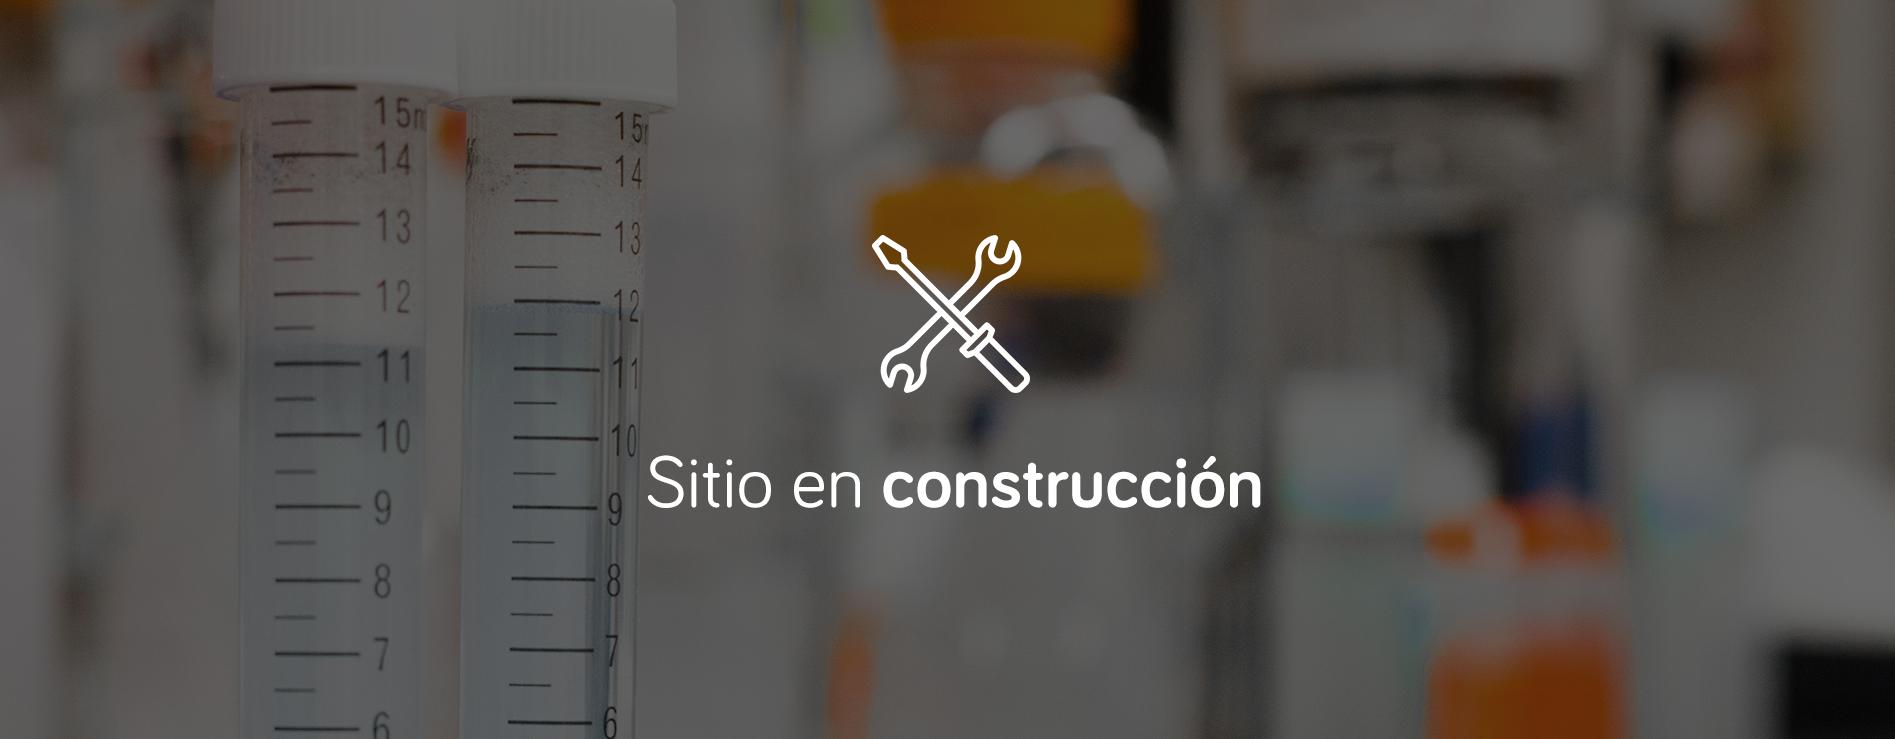 LAB-WsE1_Bajo_Construcción.png